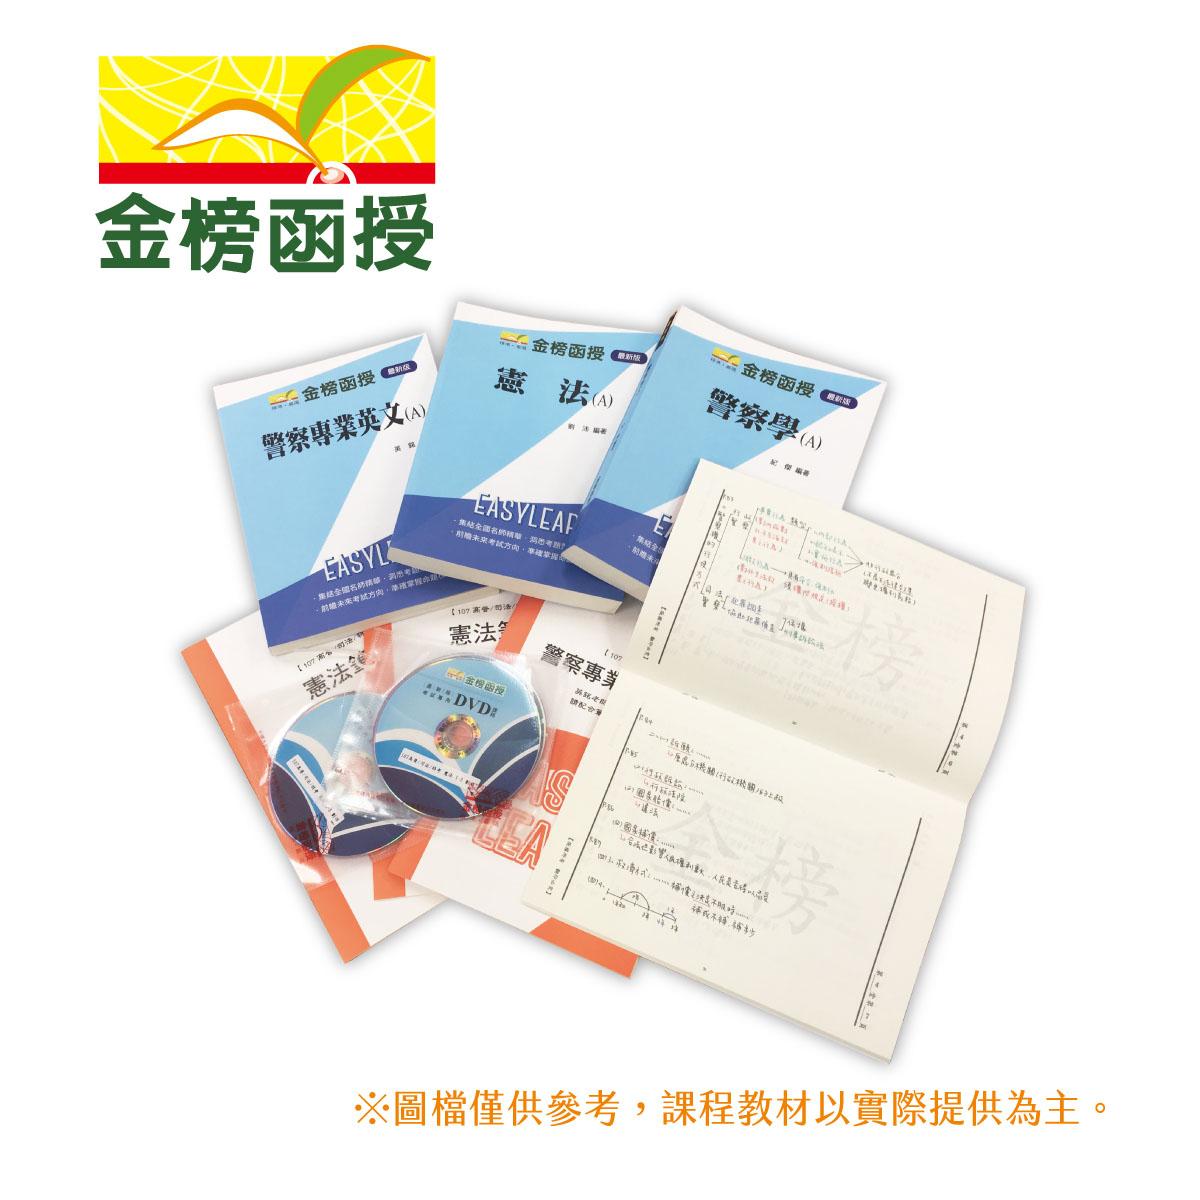 108金榜函授/高考三级/年度课程/全套/财经廉政/云端